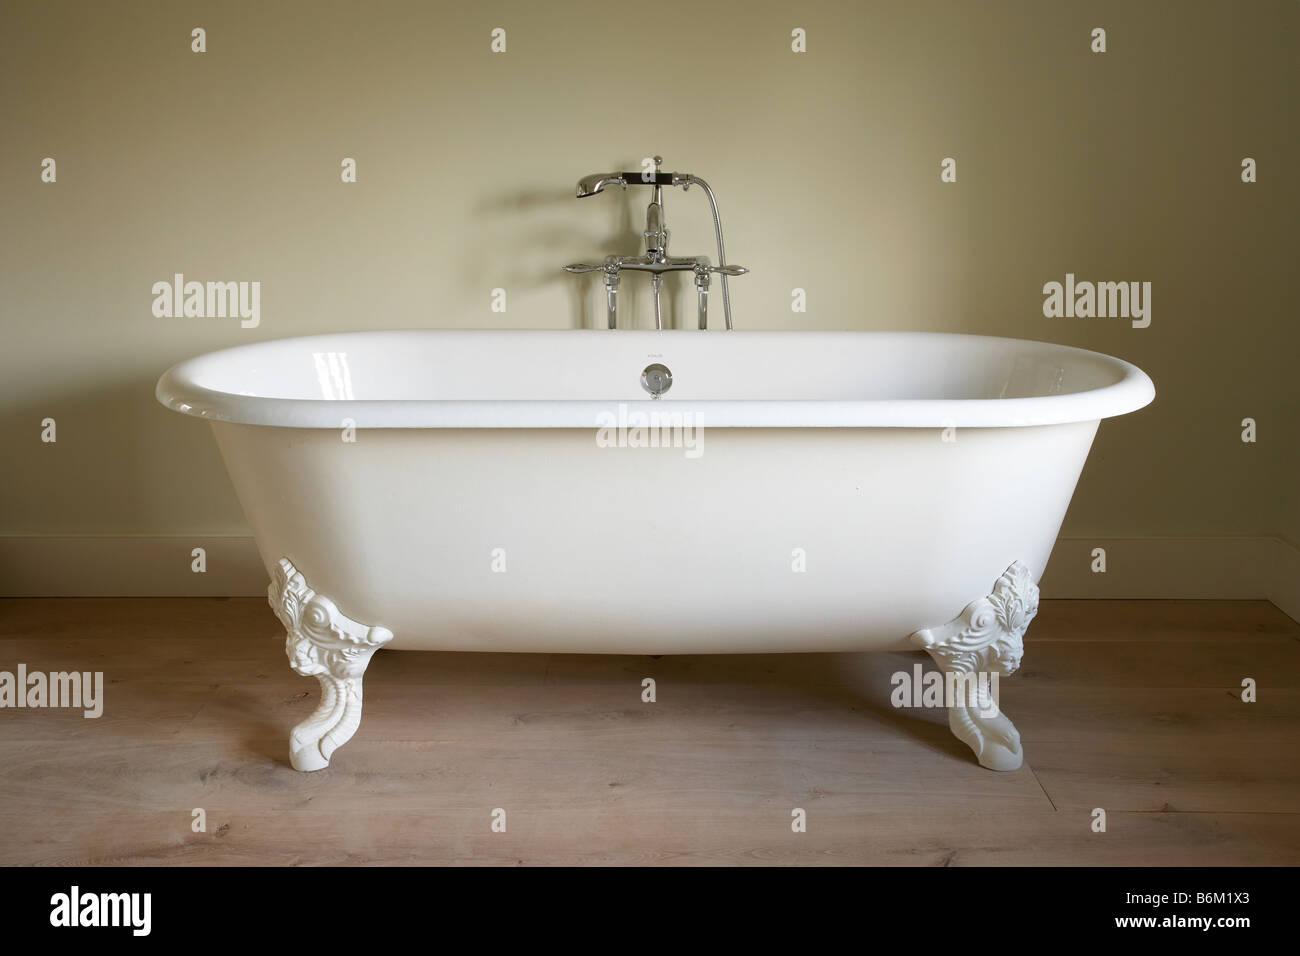 Freistehende Kohler Viktorianischen Stil Bad Badewanne Chrom Armaturen  Verzierten Füße